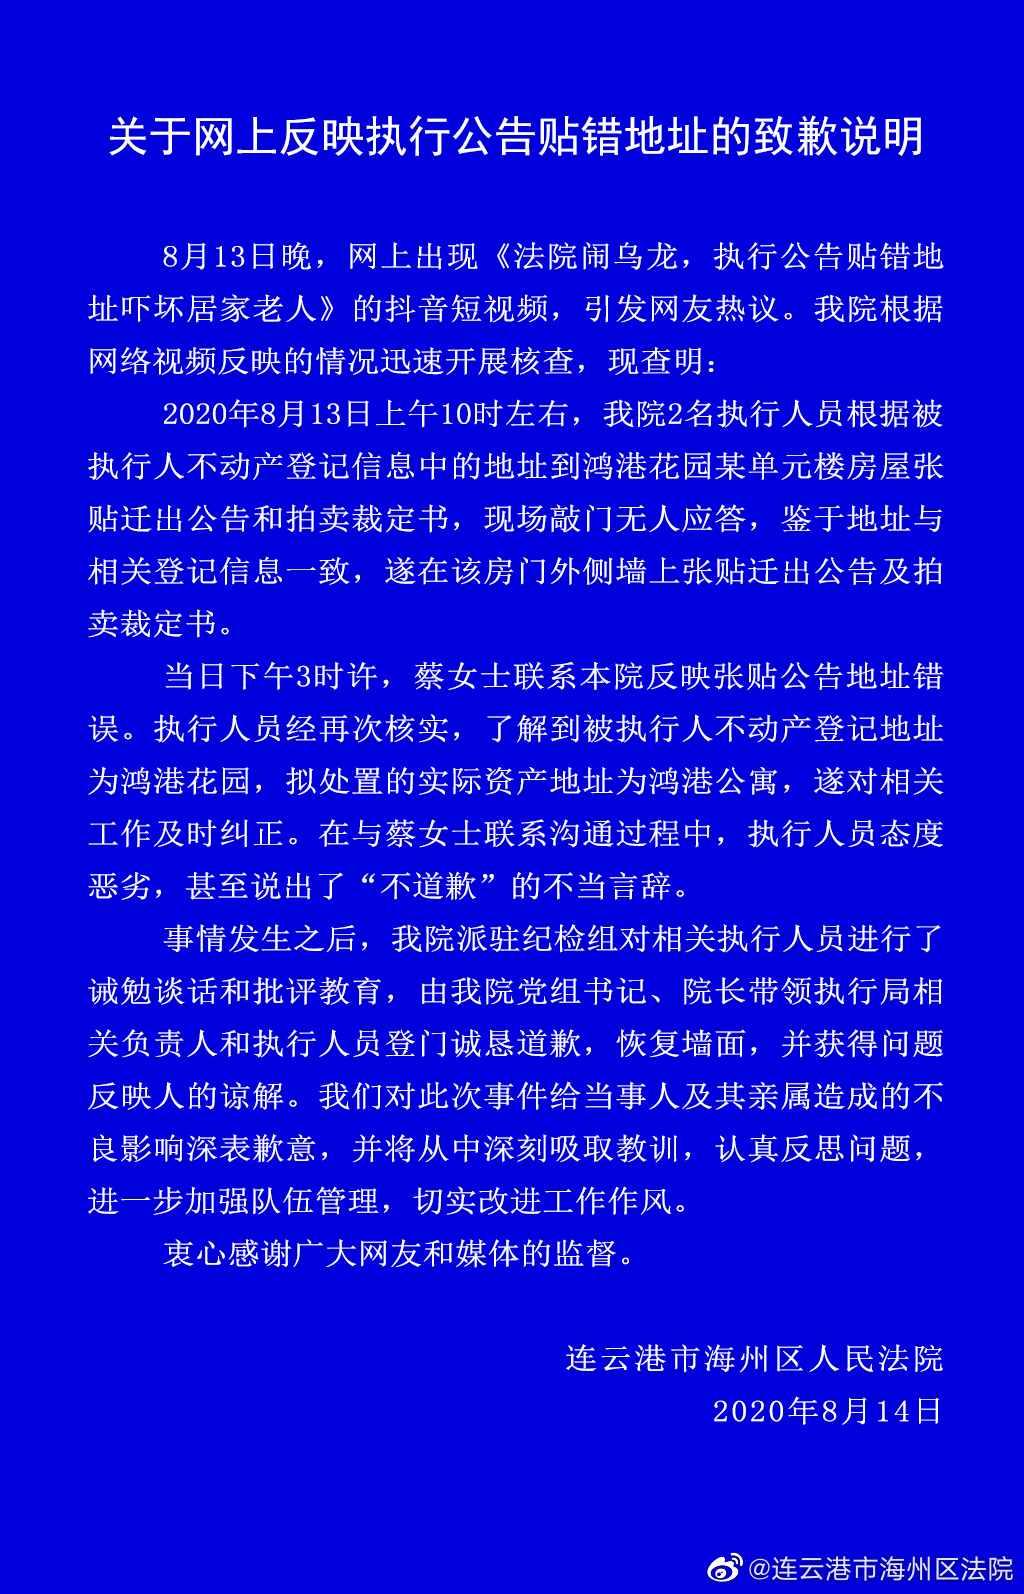 连云港法院就贴错执行公告道歉怎么回事?此前态度豪横曾说拒